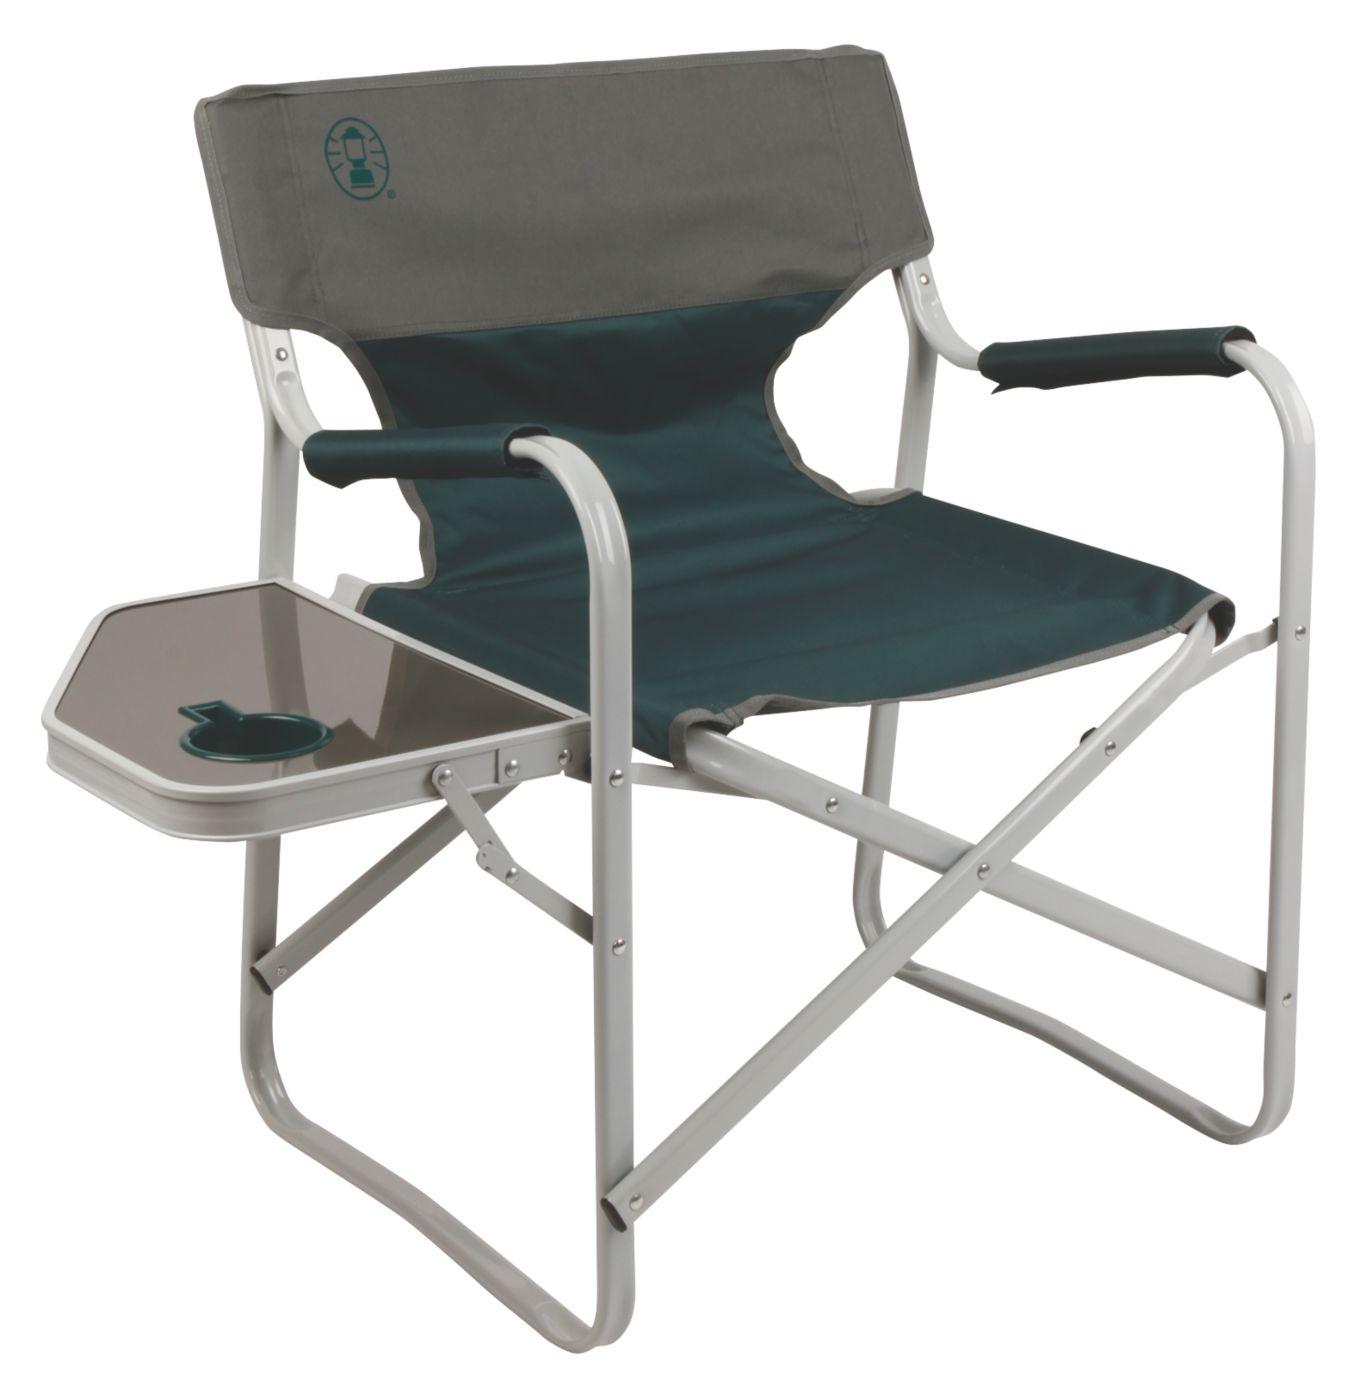 Genial Outpost™ Elite Deck Chair